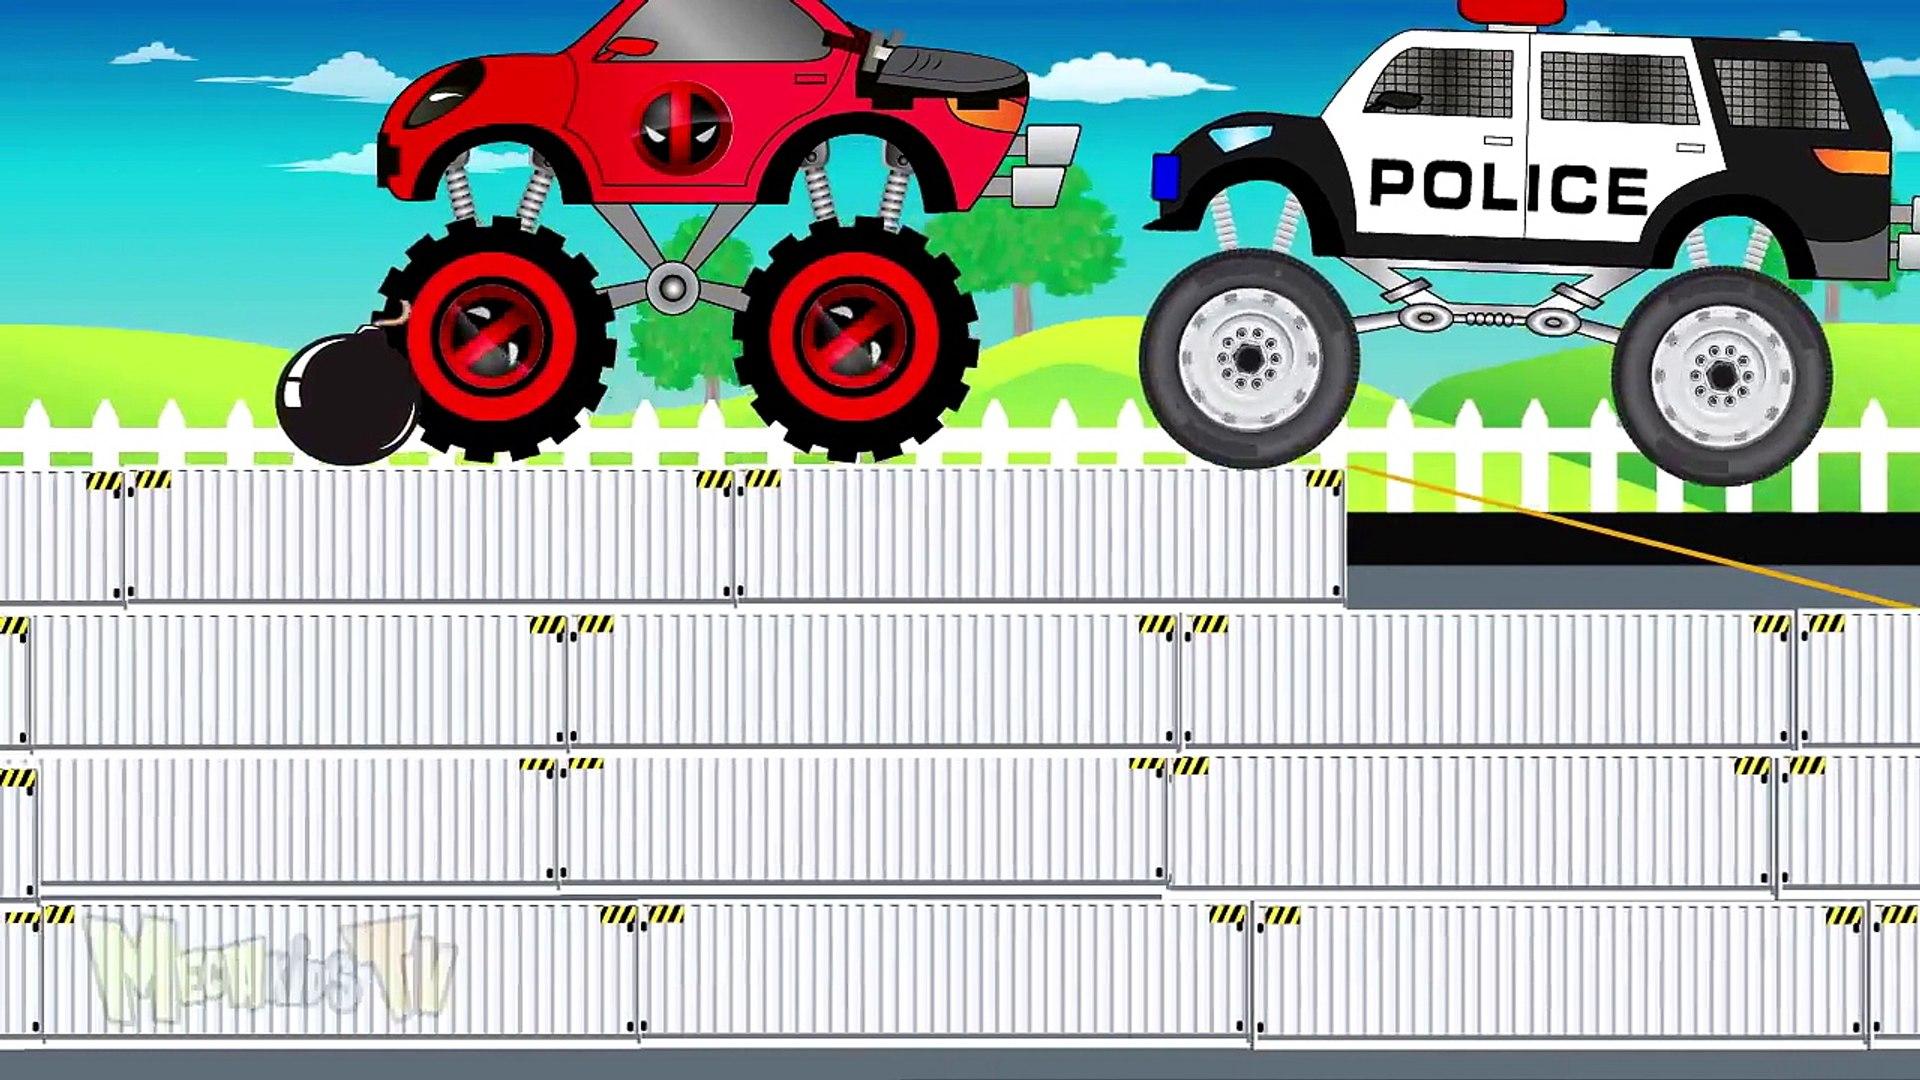 Police Truck Vs Batman - Monster Trucks For Kids - Mega Kids Tv